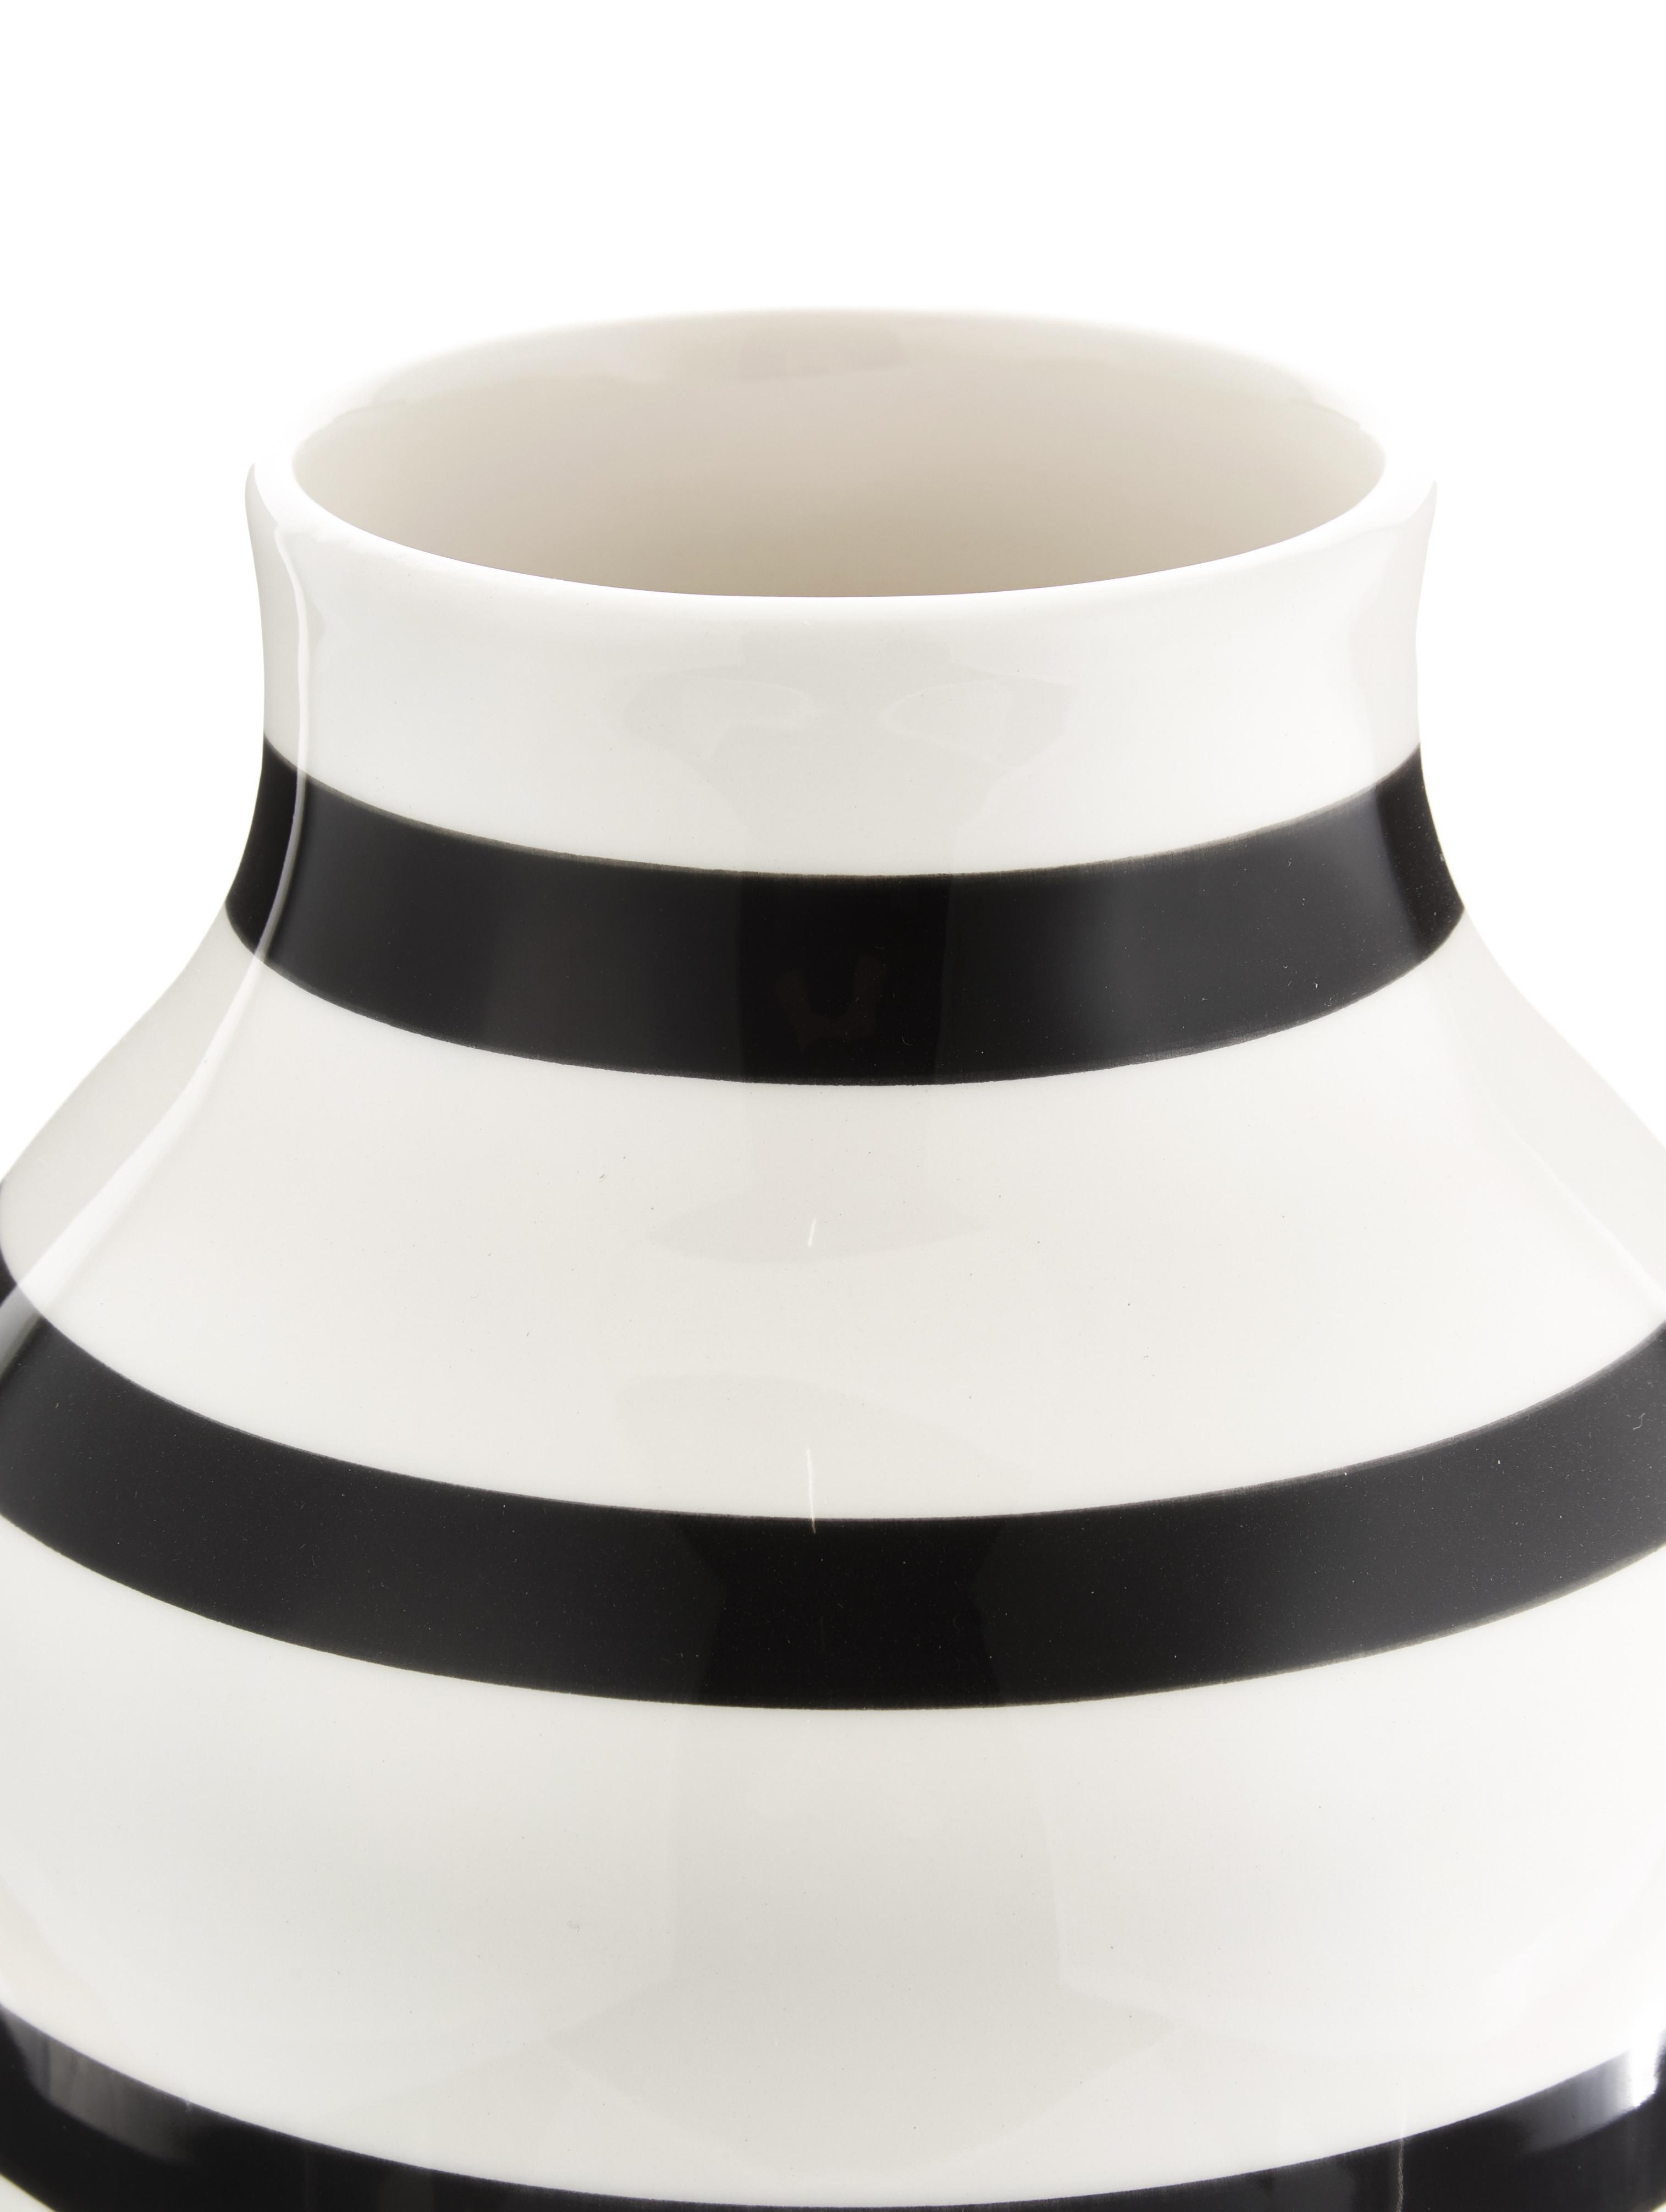 Große handgefertigte Design-Vase Omaggio, Keramik, Schwarz, Weiß, Ø 20 x H 31 cm